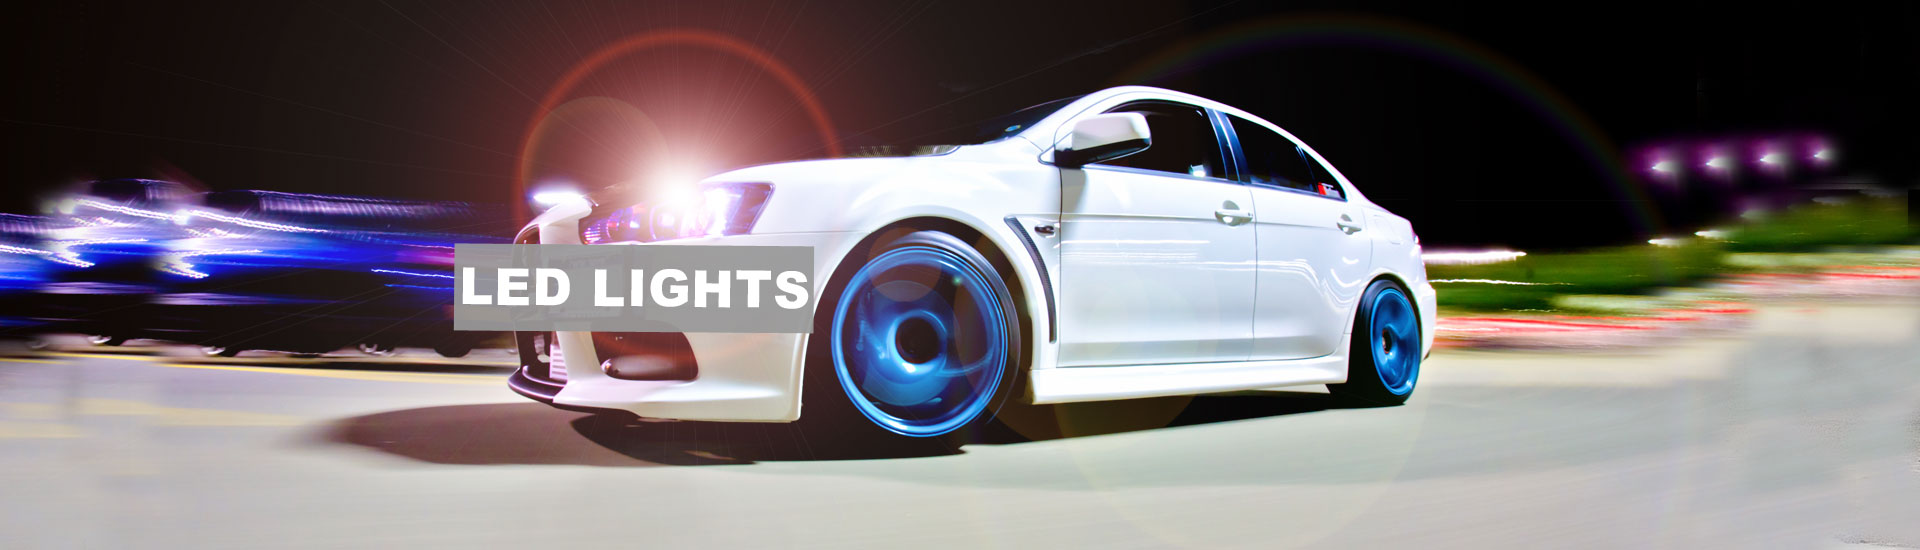 Auto LED Light Bulbs